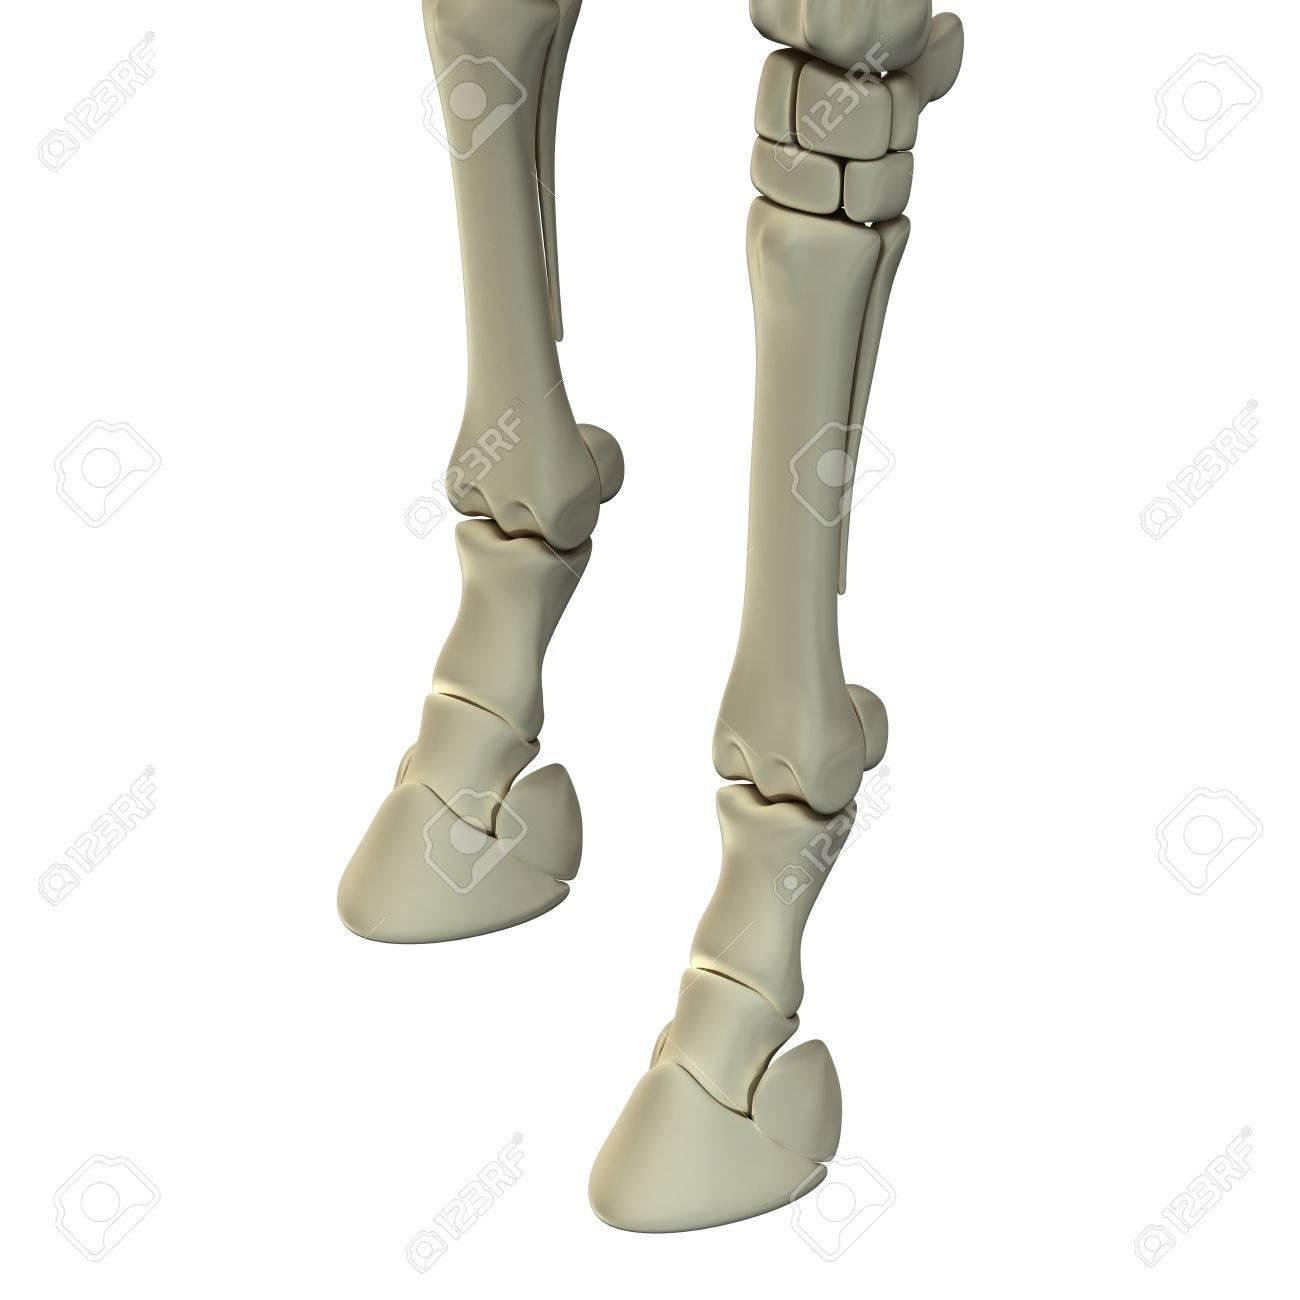 Horse Front Leg Bones Horse Equus Anatomy Isolated On White